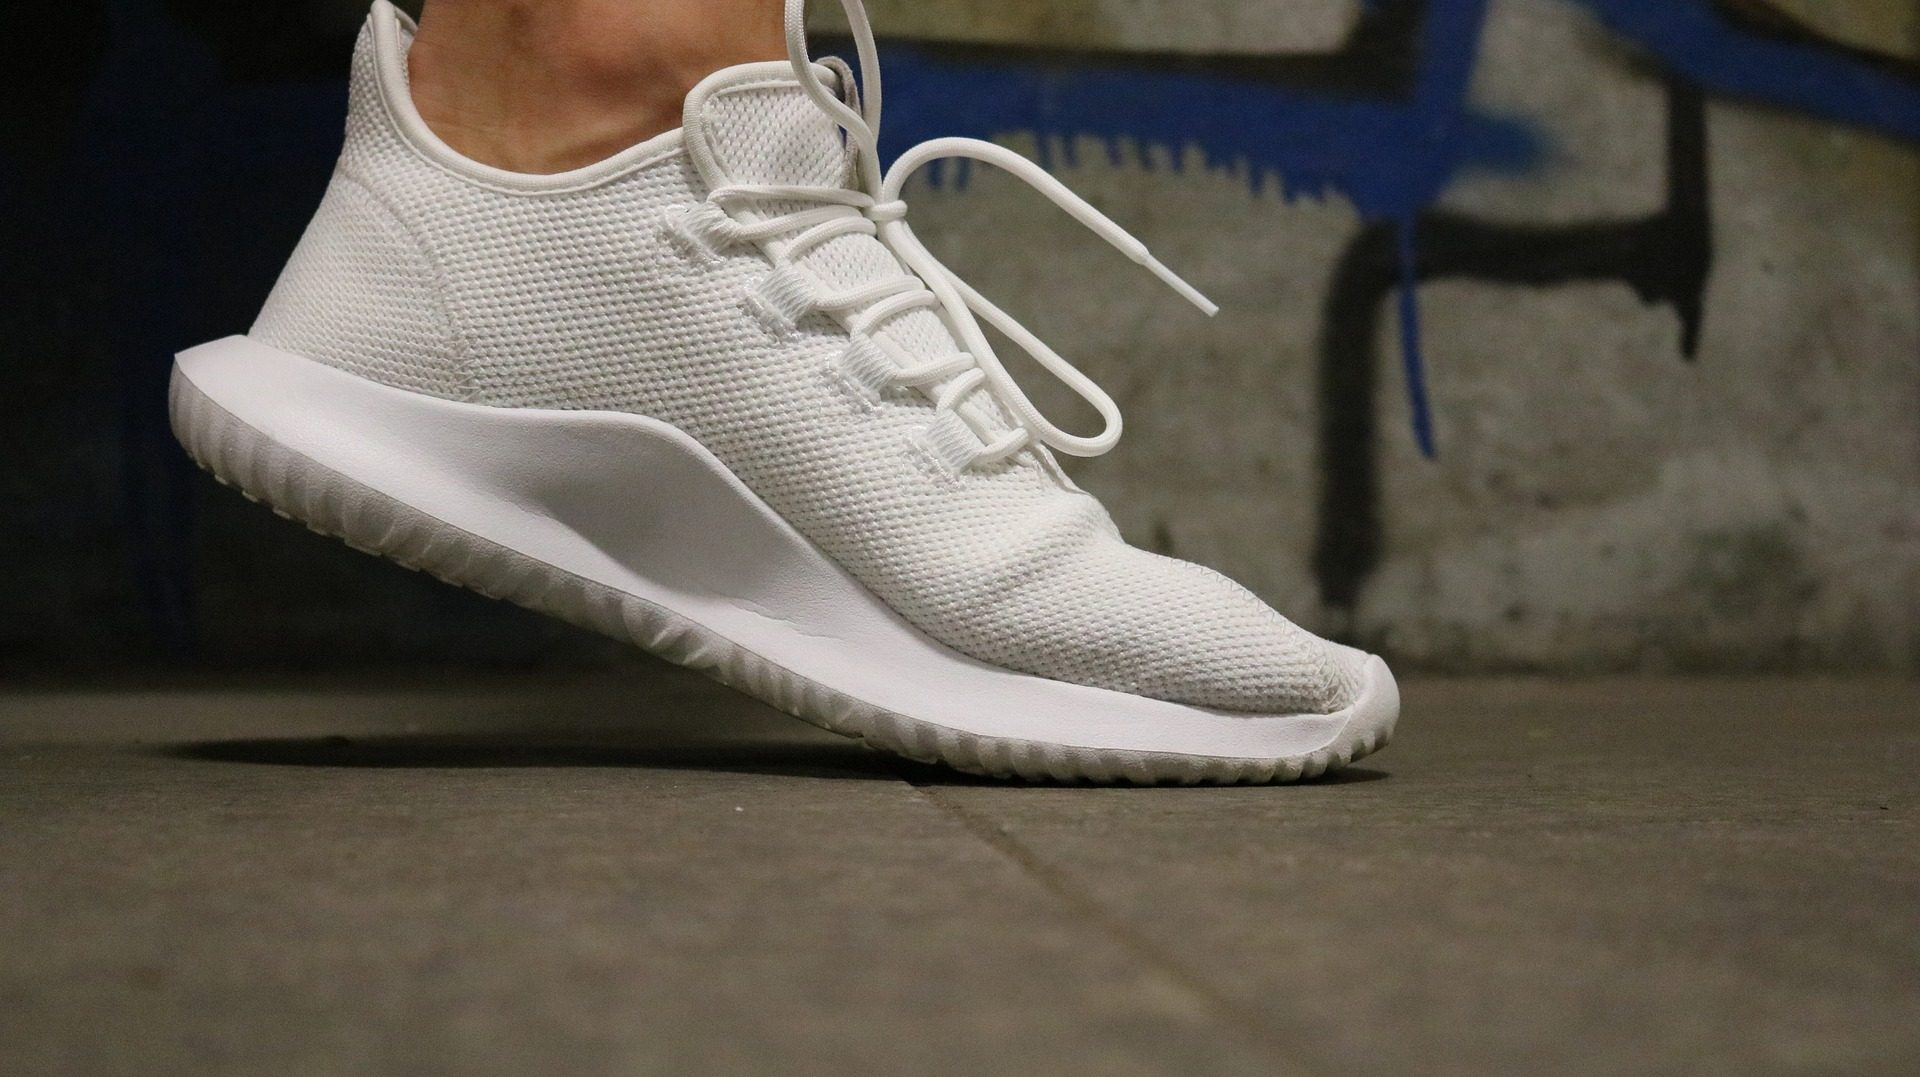 zapato, chaussure, sport, lacets, formation - Fonds d'écran HD - Professor-falken.com